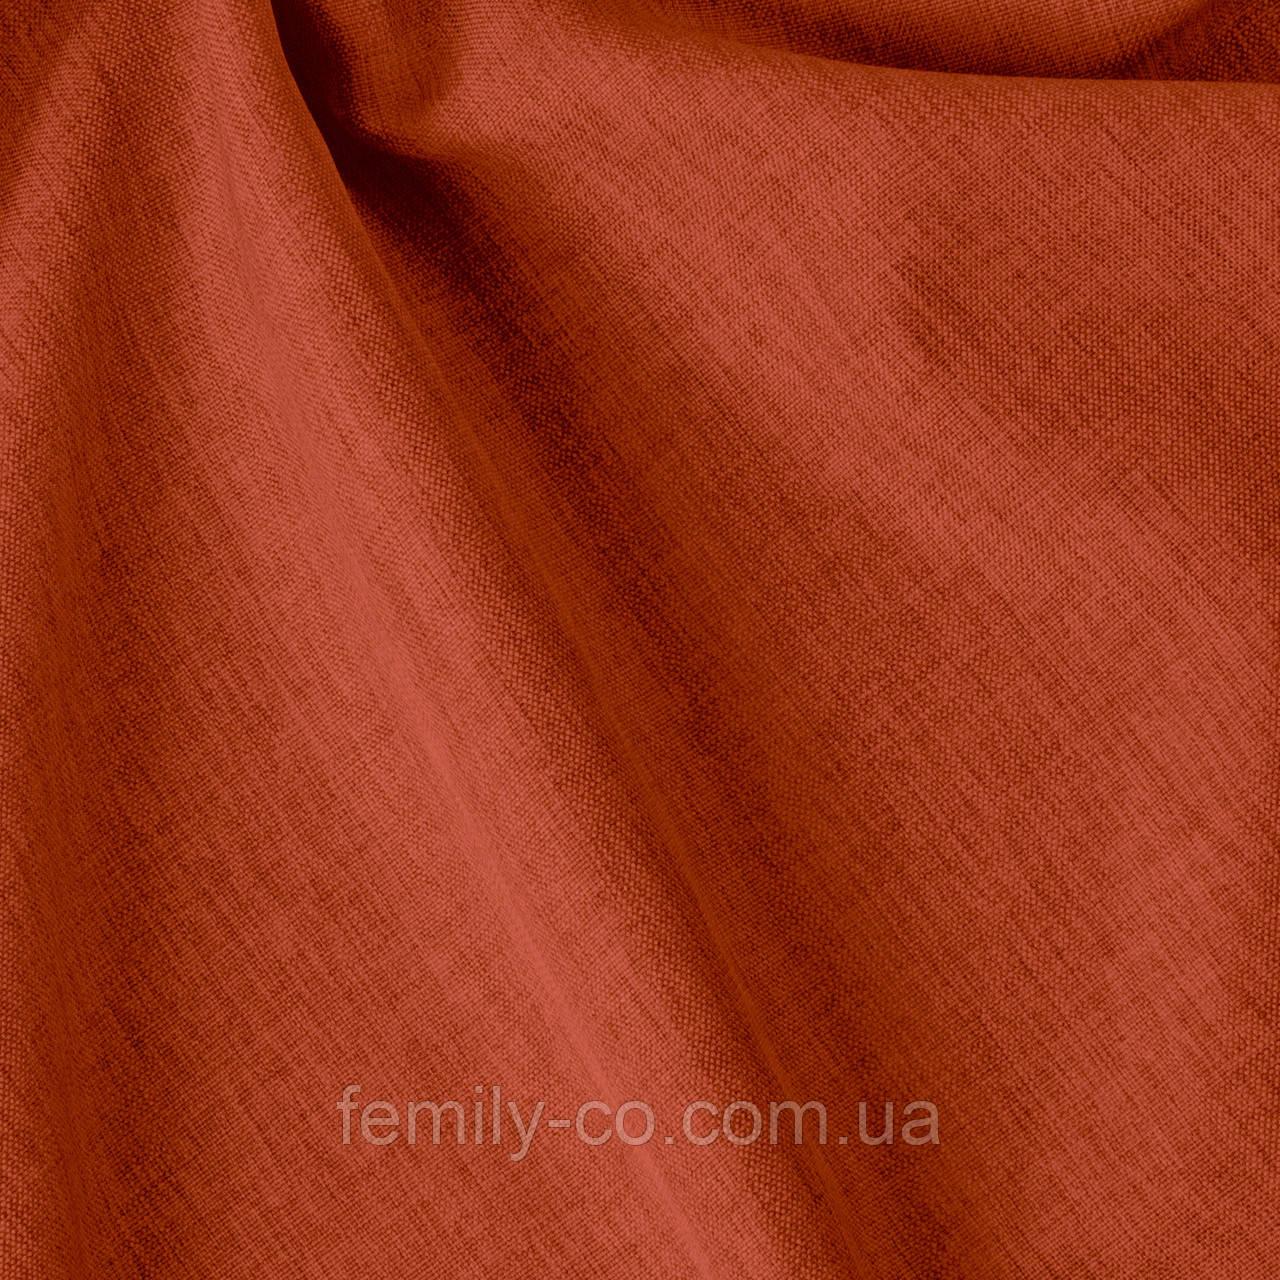 Декоративная однотонная ткань оранжевого цвета Турция 84454v11